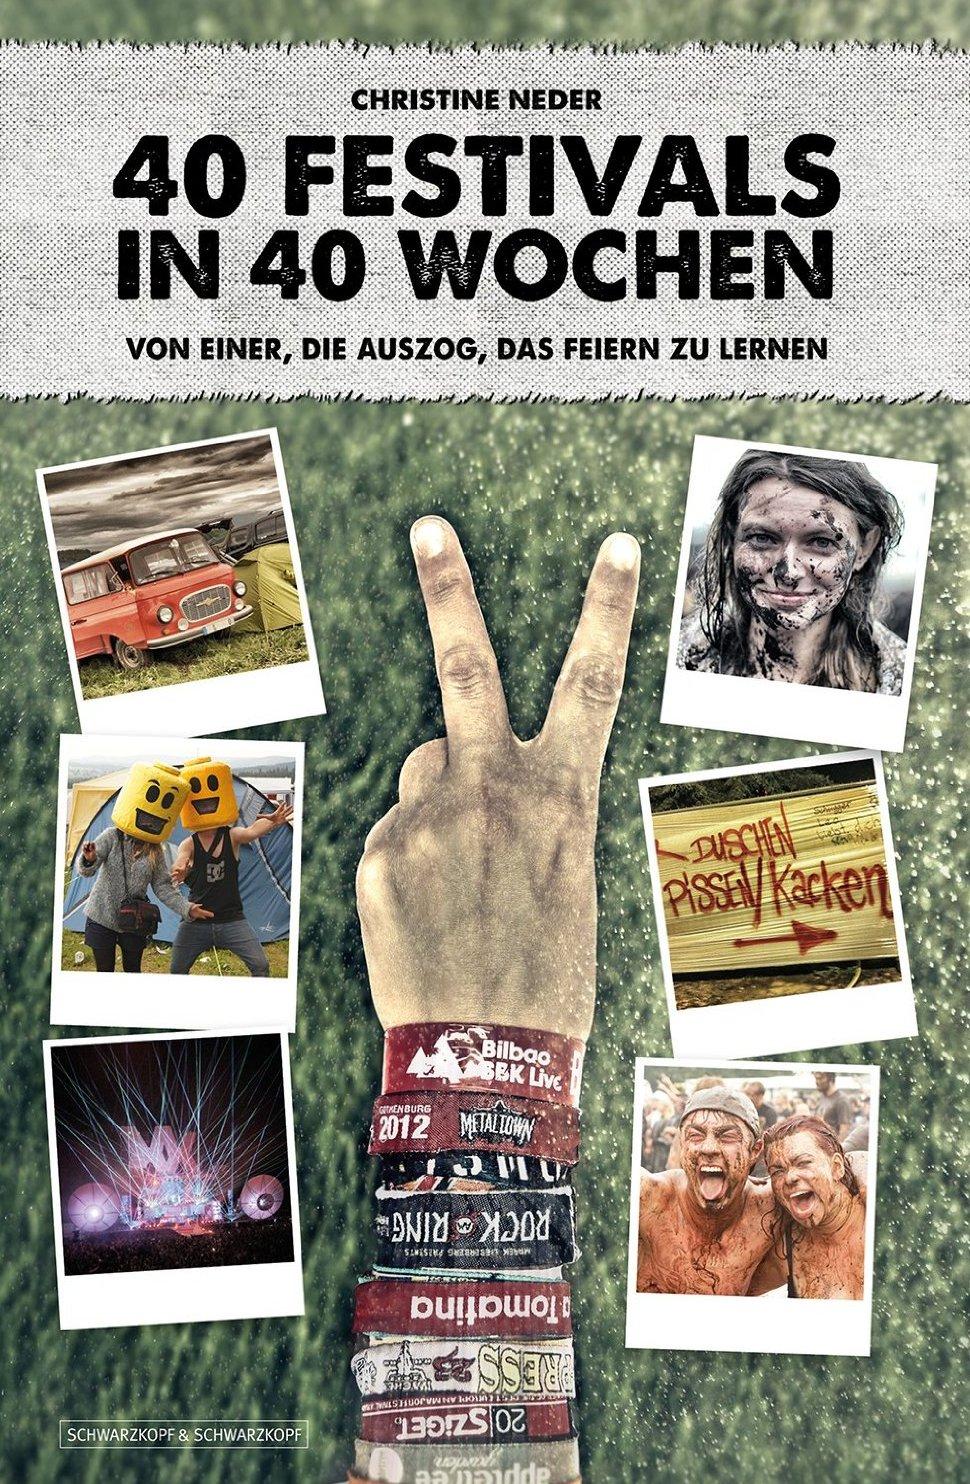 """Christine Neder besuchte """"40 Festivals in 40 Wochen"""" – ein kurioser Selbstversuch"""